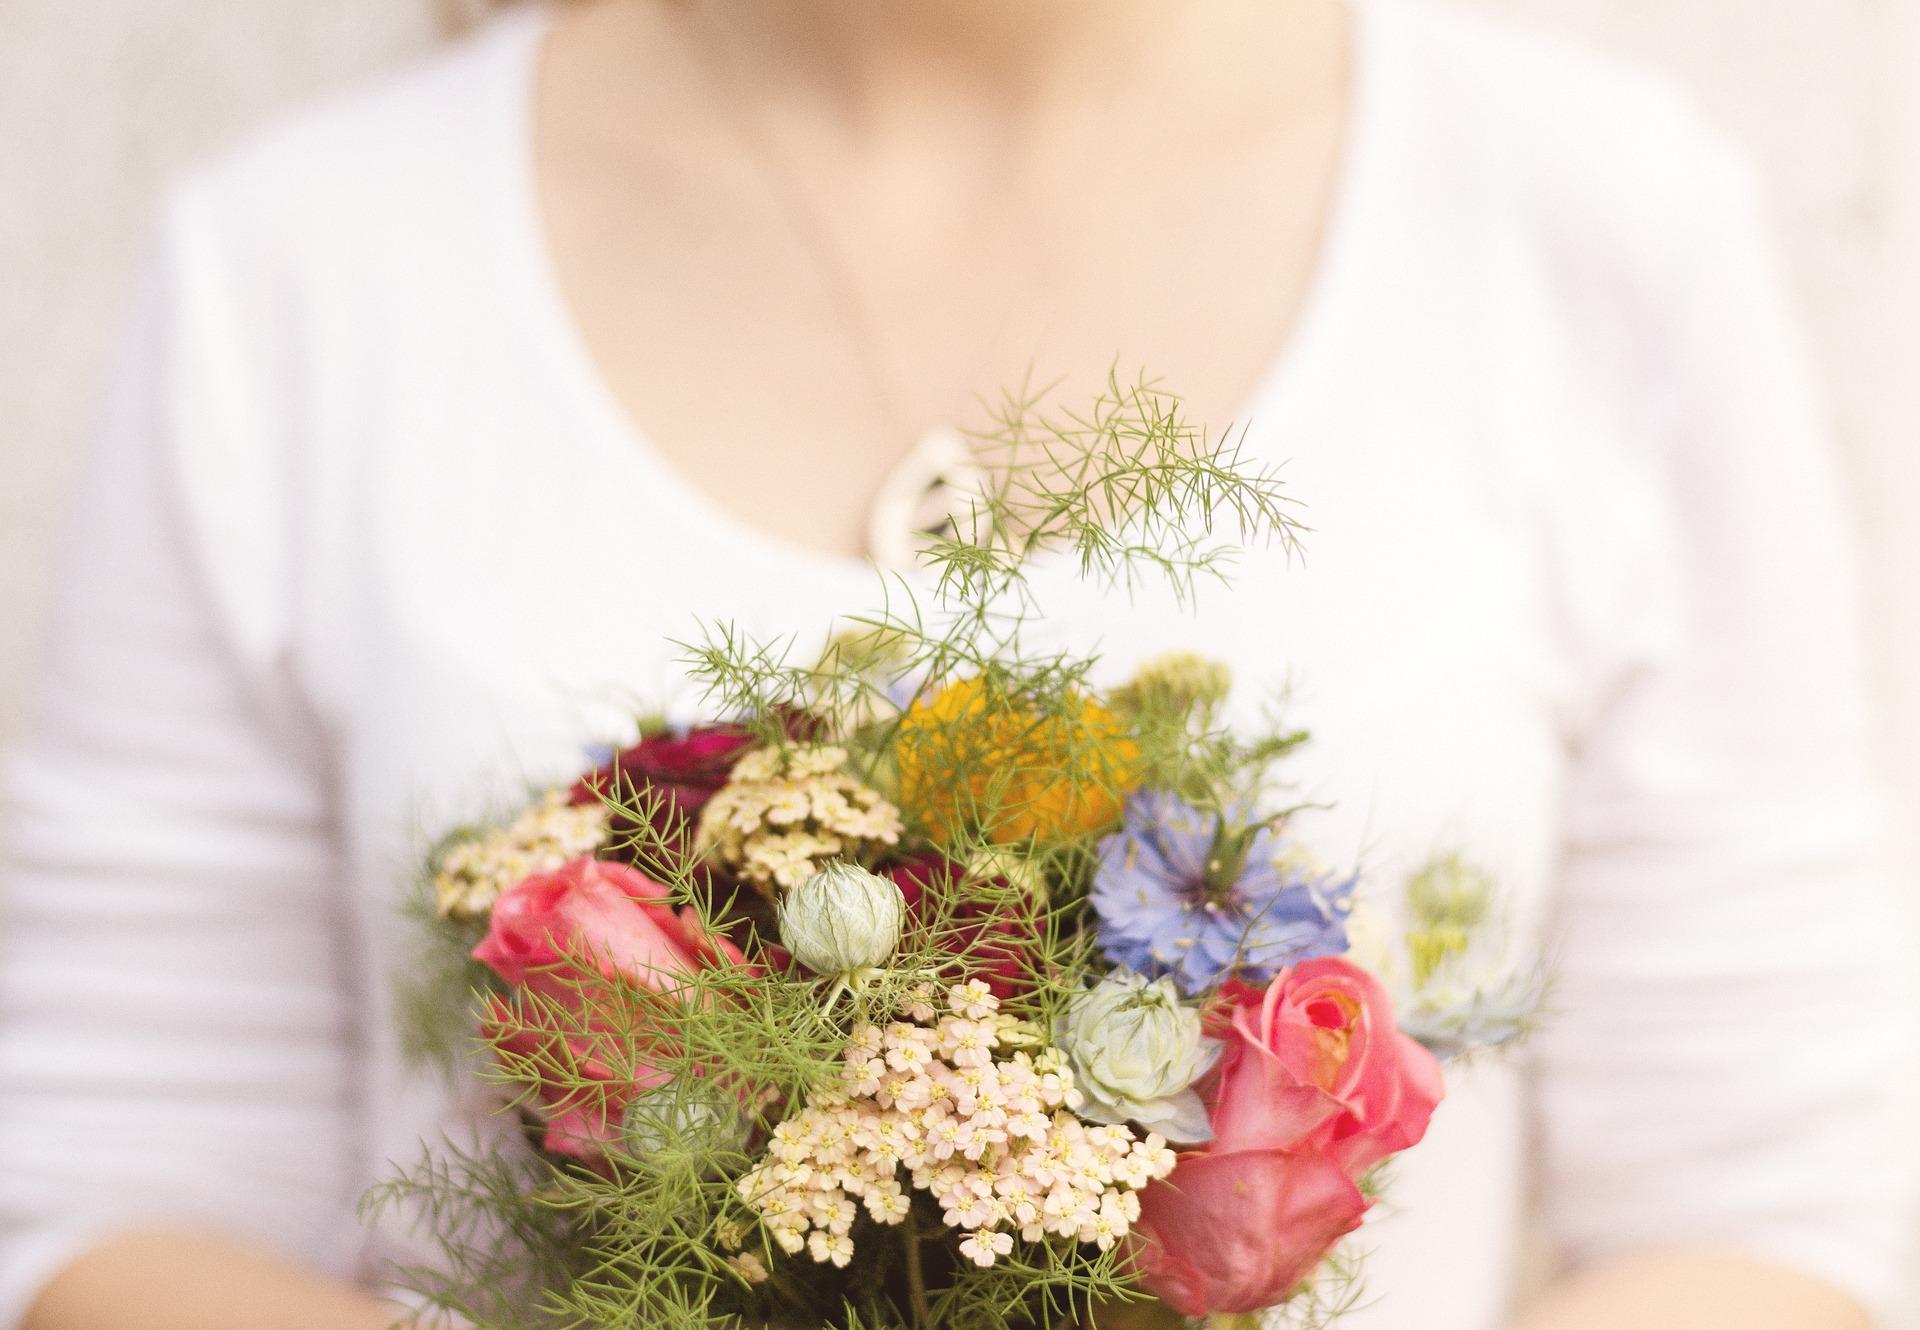 いつもお世話になっているあの人へ!お中元にお花を贈ってみませんか?